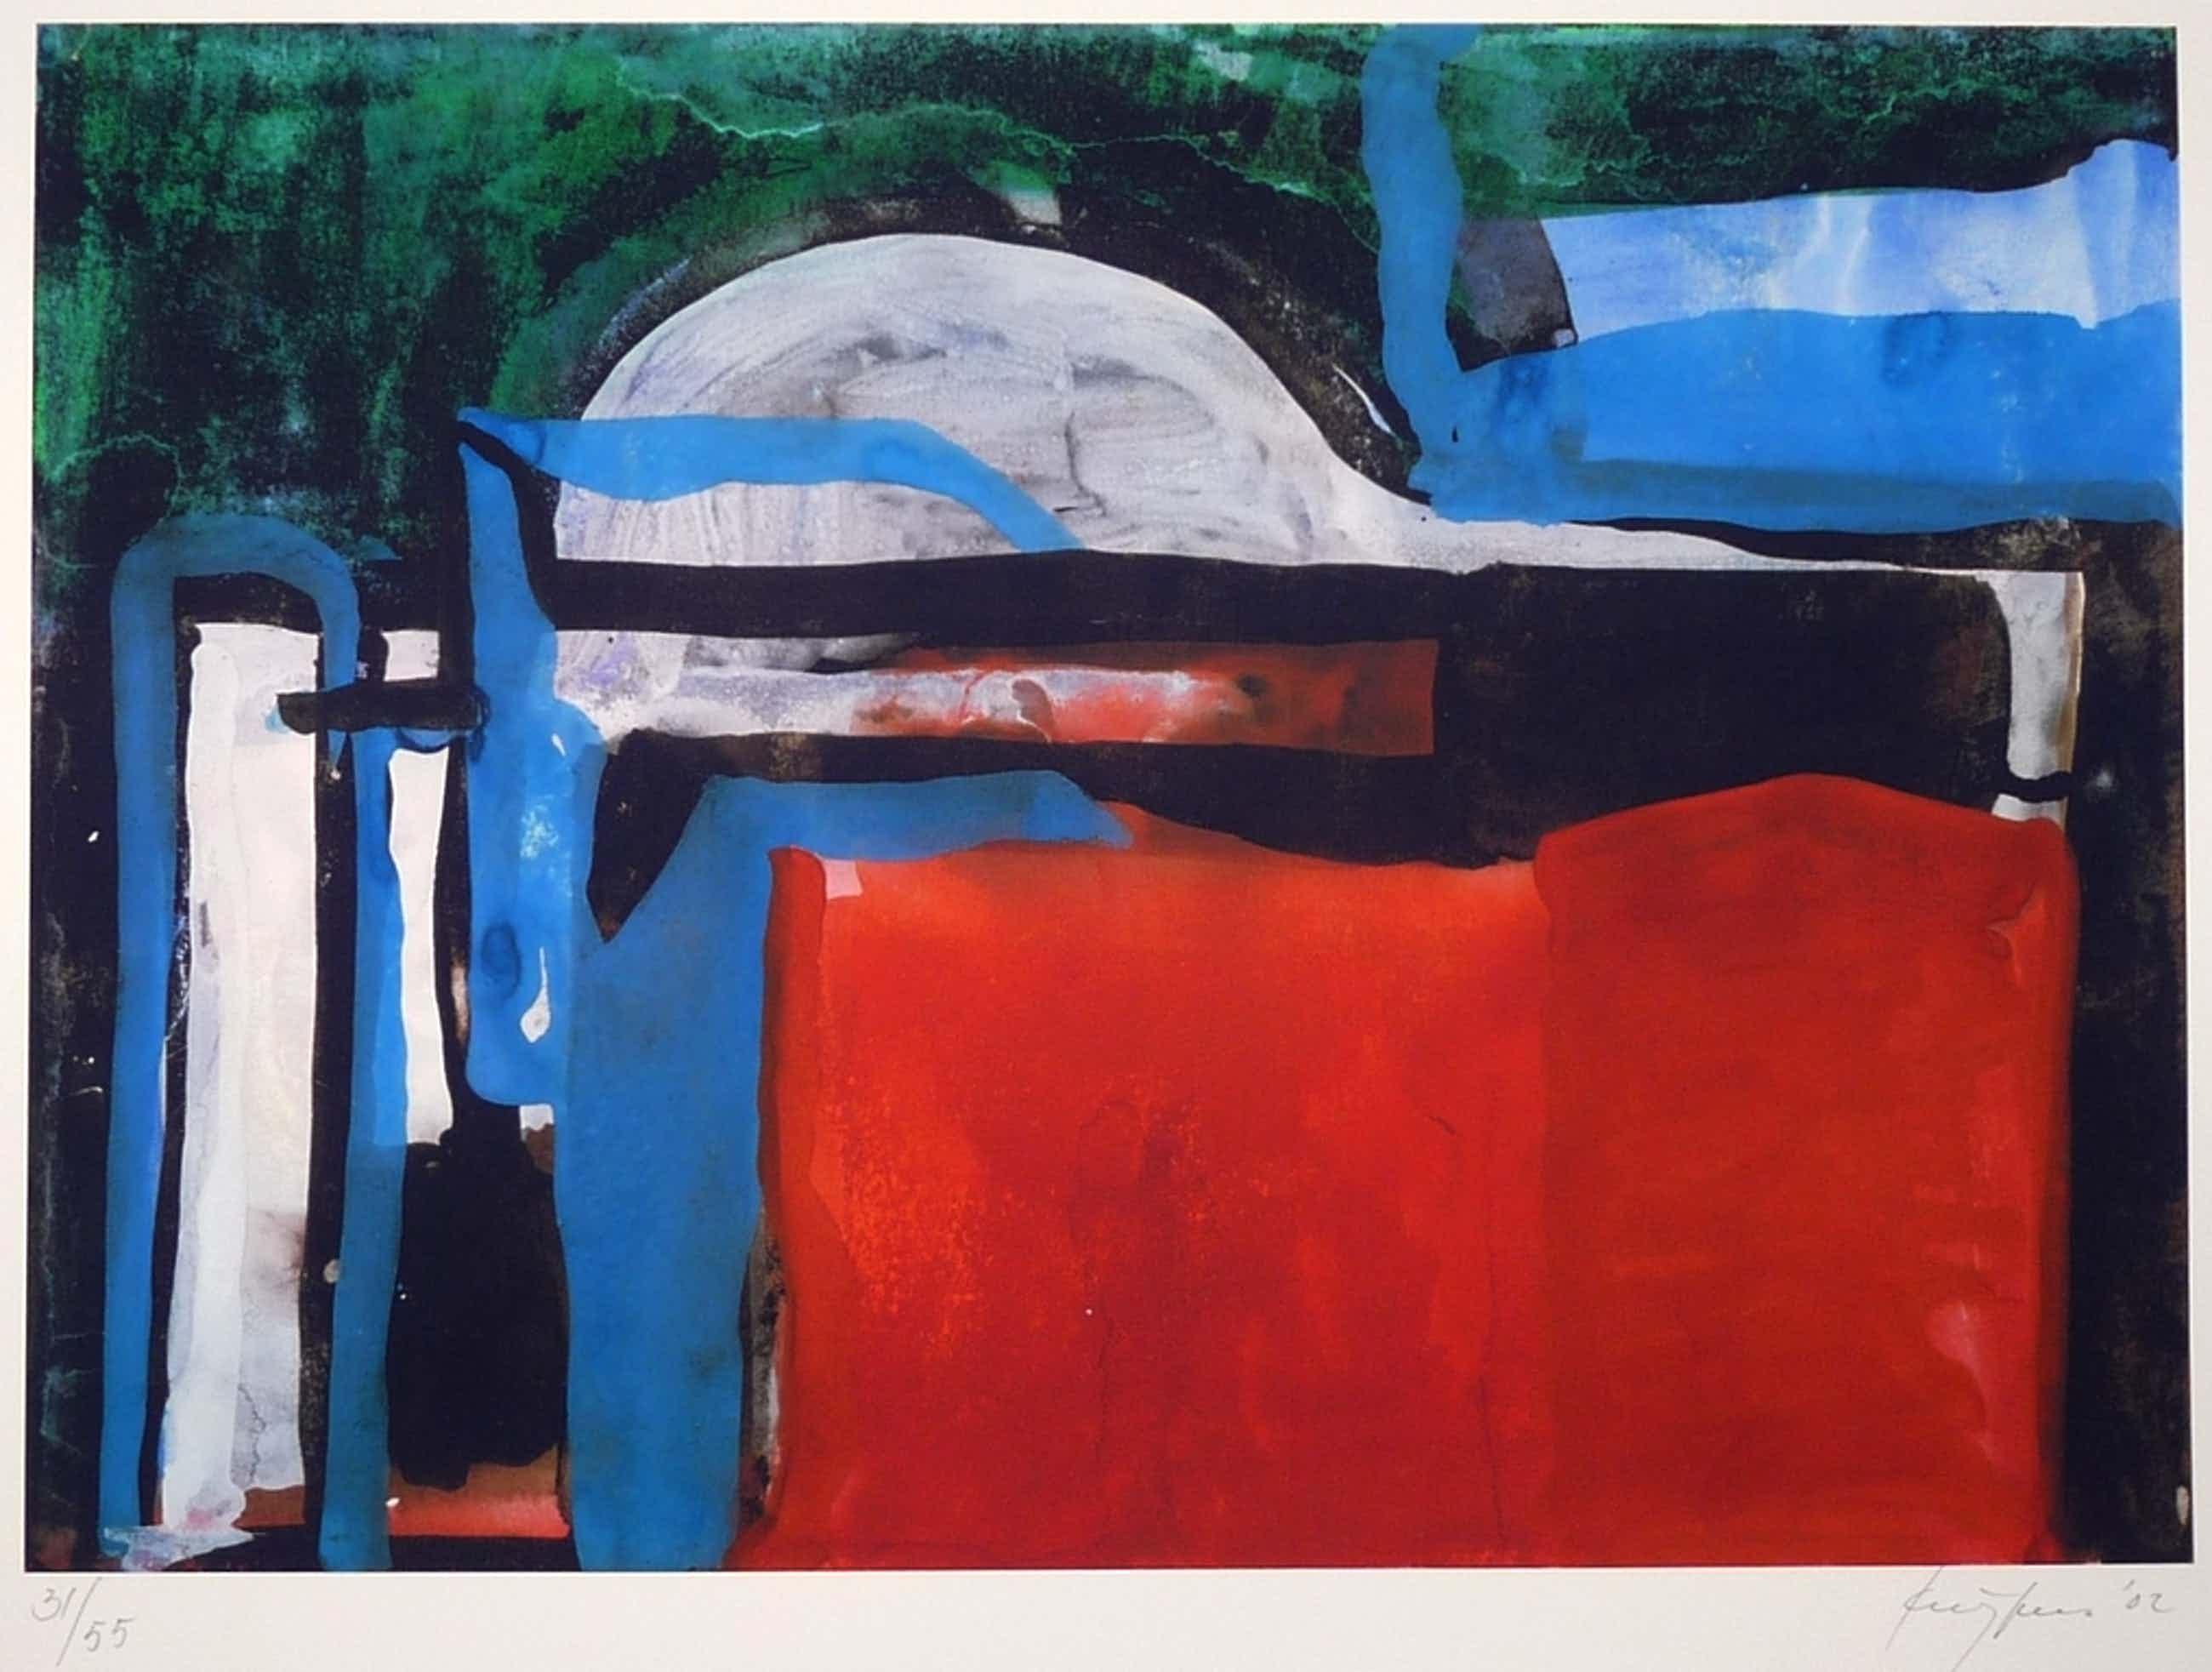 Theo Kuijpers: Giclee, Abstract, Gesigneerd, 2002 kopen? Bied vanaf 95!